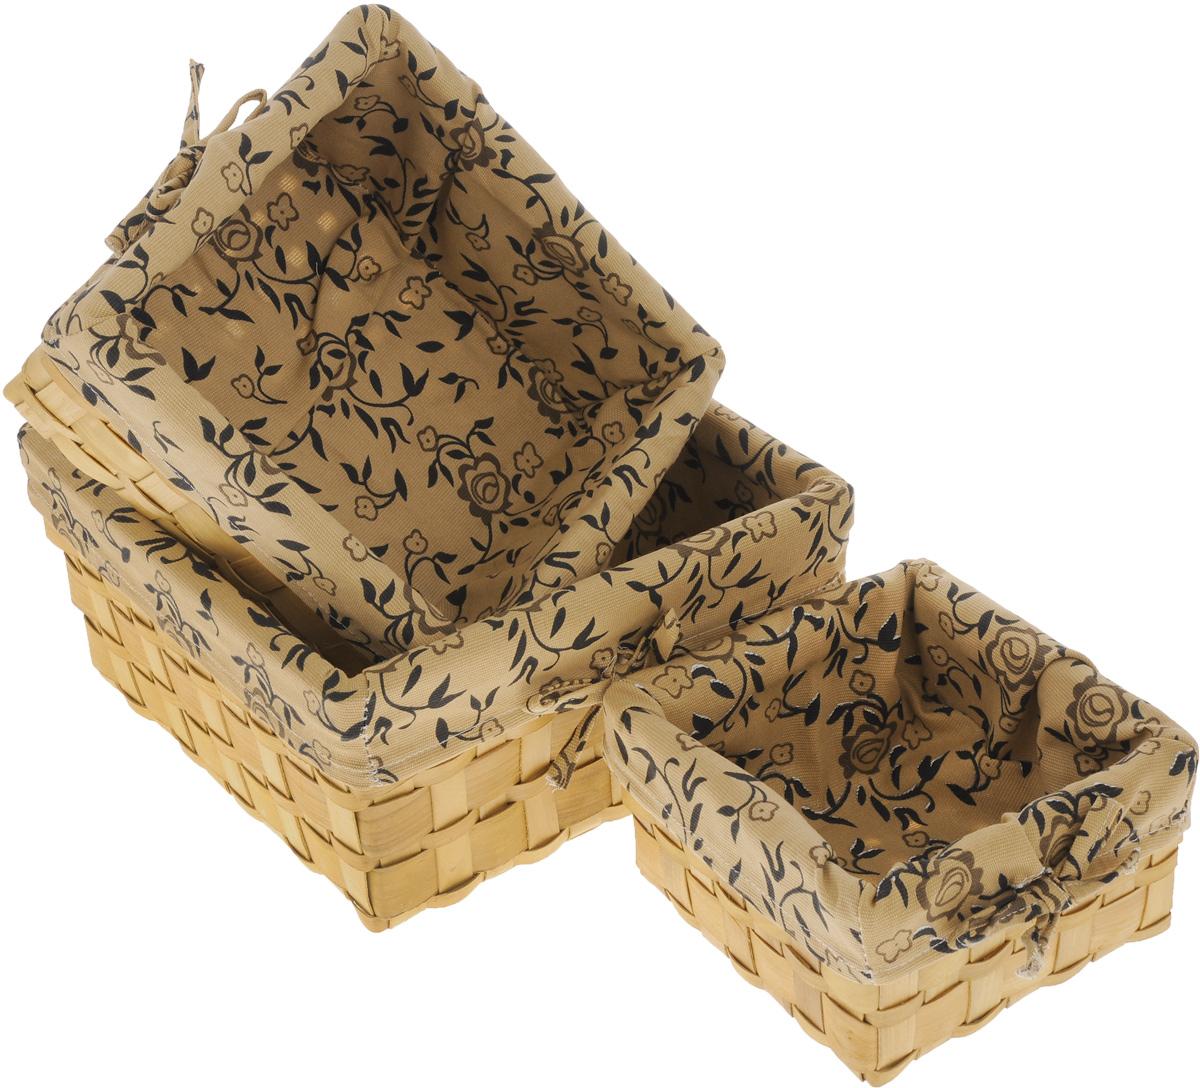 Набор плетеных корзинок Miolla, цвет: бежевый, коричневый, 3 шт. QL400449QL400449_бежевый, коричневыйНабор Miolla состоит из трех квадратных плетеных корзинок разного размера. Изделия выполнены из плетеной древесины и обтянуты тканью с оригинальным растительным узором. Такие корзинки прекрасно подойдут для хранения хлеба и других хлебобулочных изделий, печенья, а также бытовых принадлежностей и различных мелочей. Стильный дизайн корзинок сделает их украшением интерьера помещения. Подойдут для кухни, спальни, прихожей, ванной. Размер малой корзины: 21 х 21 х 11,5 см. Размер средней корзины: 25 х 25 х 14 см.Размер большой корзины: 30 х 30 х 16 см.